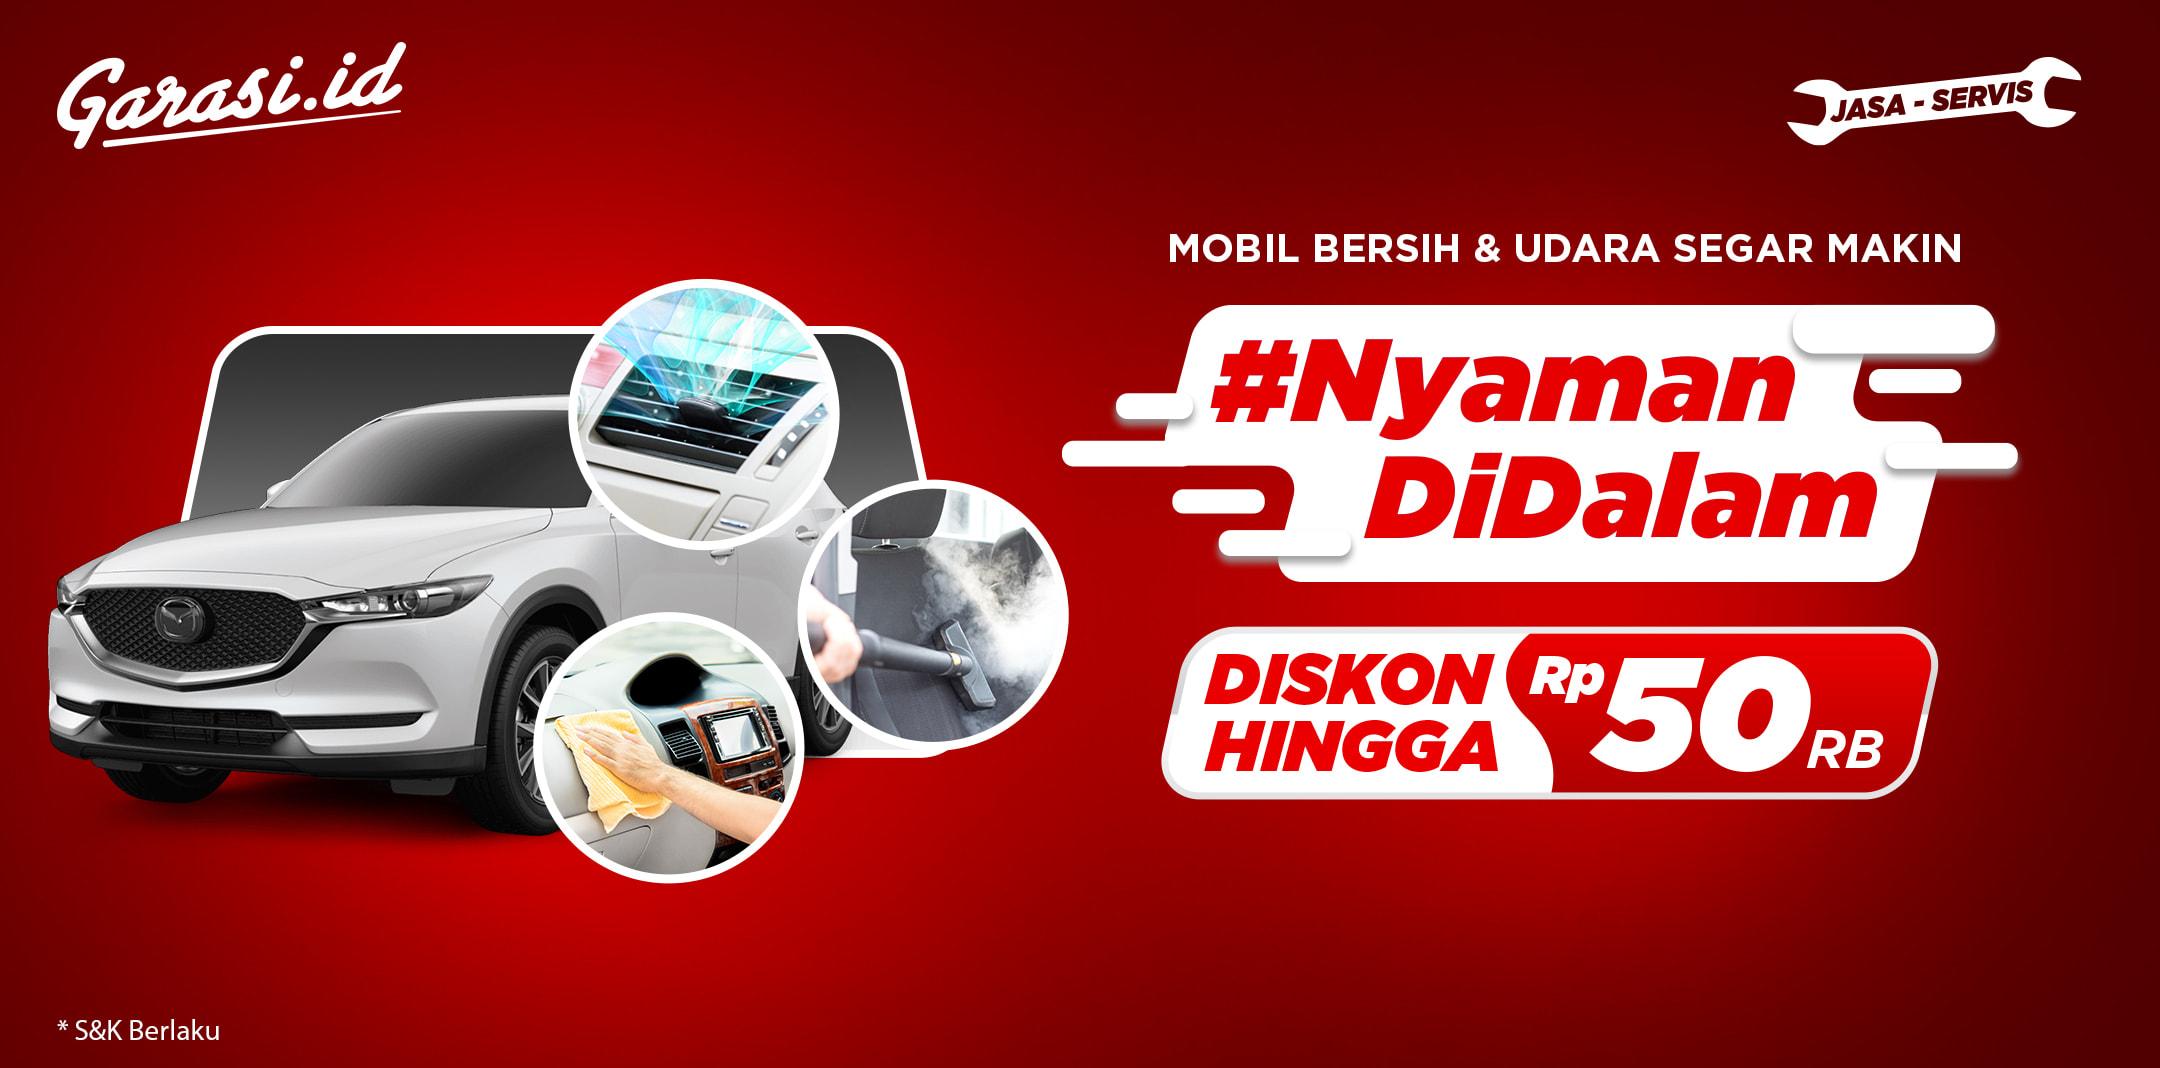 Lebih segar dan bebas stres saat berangkat ke kantor! Diskon sampai Rp 50 ribu untuk perawatan interior mobilmu!